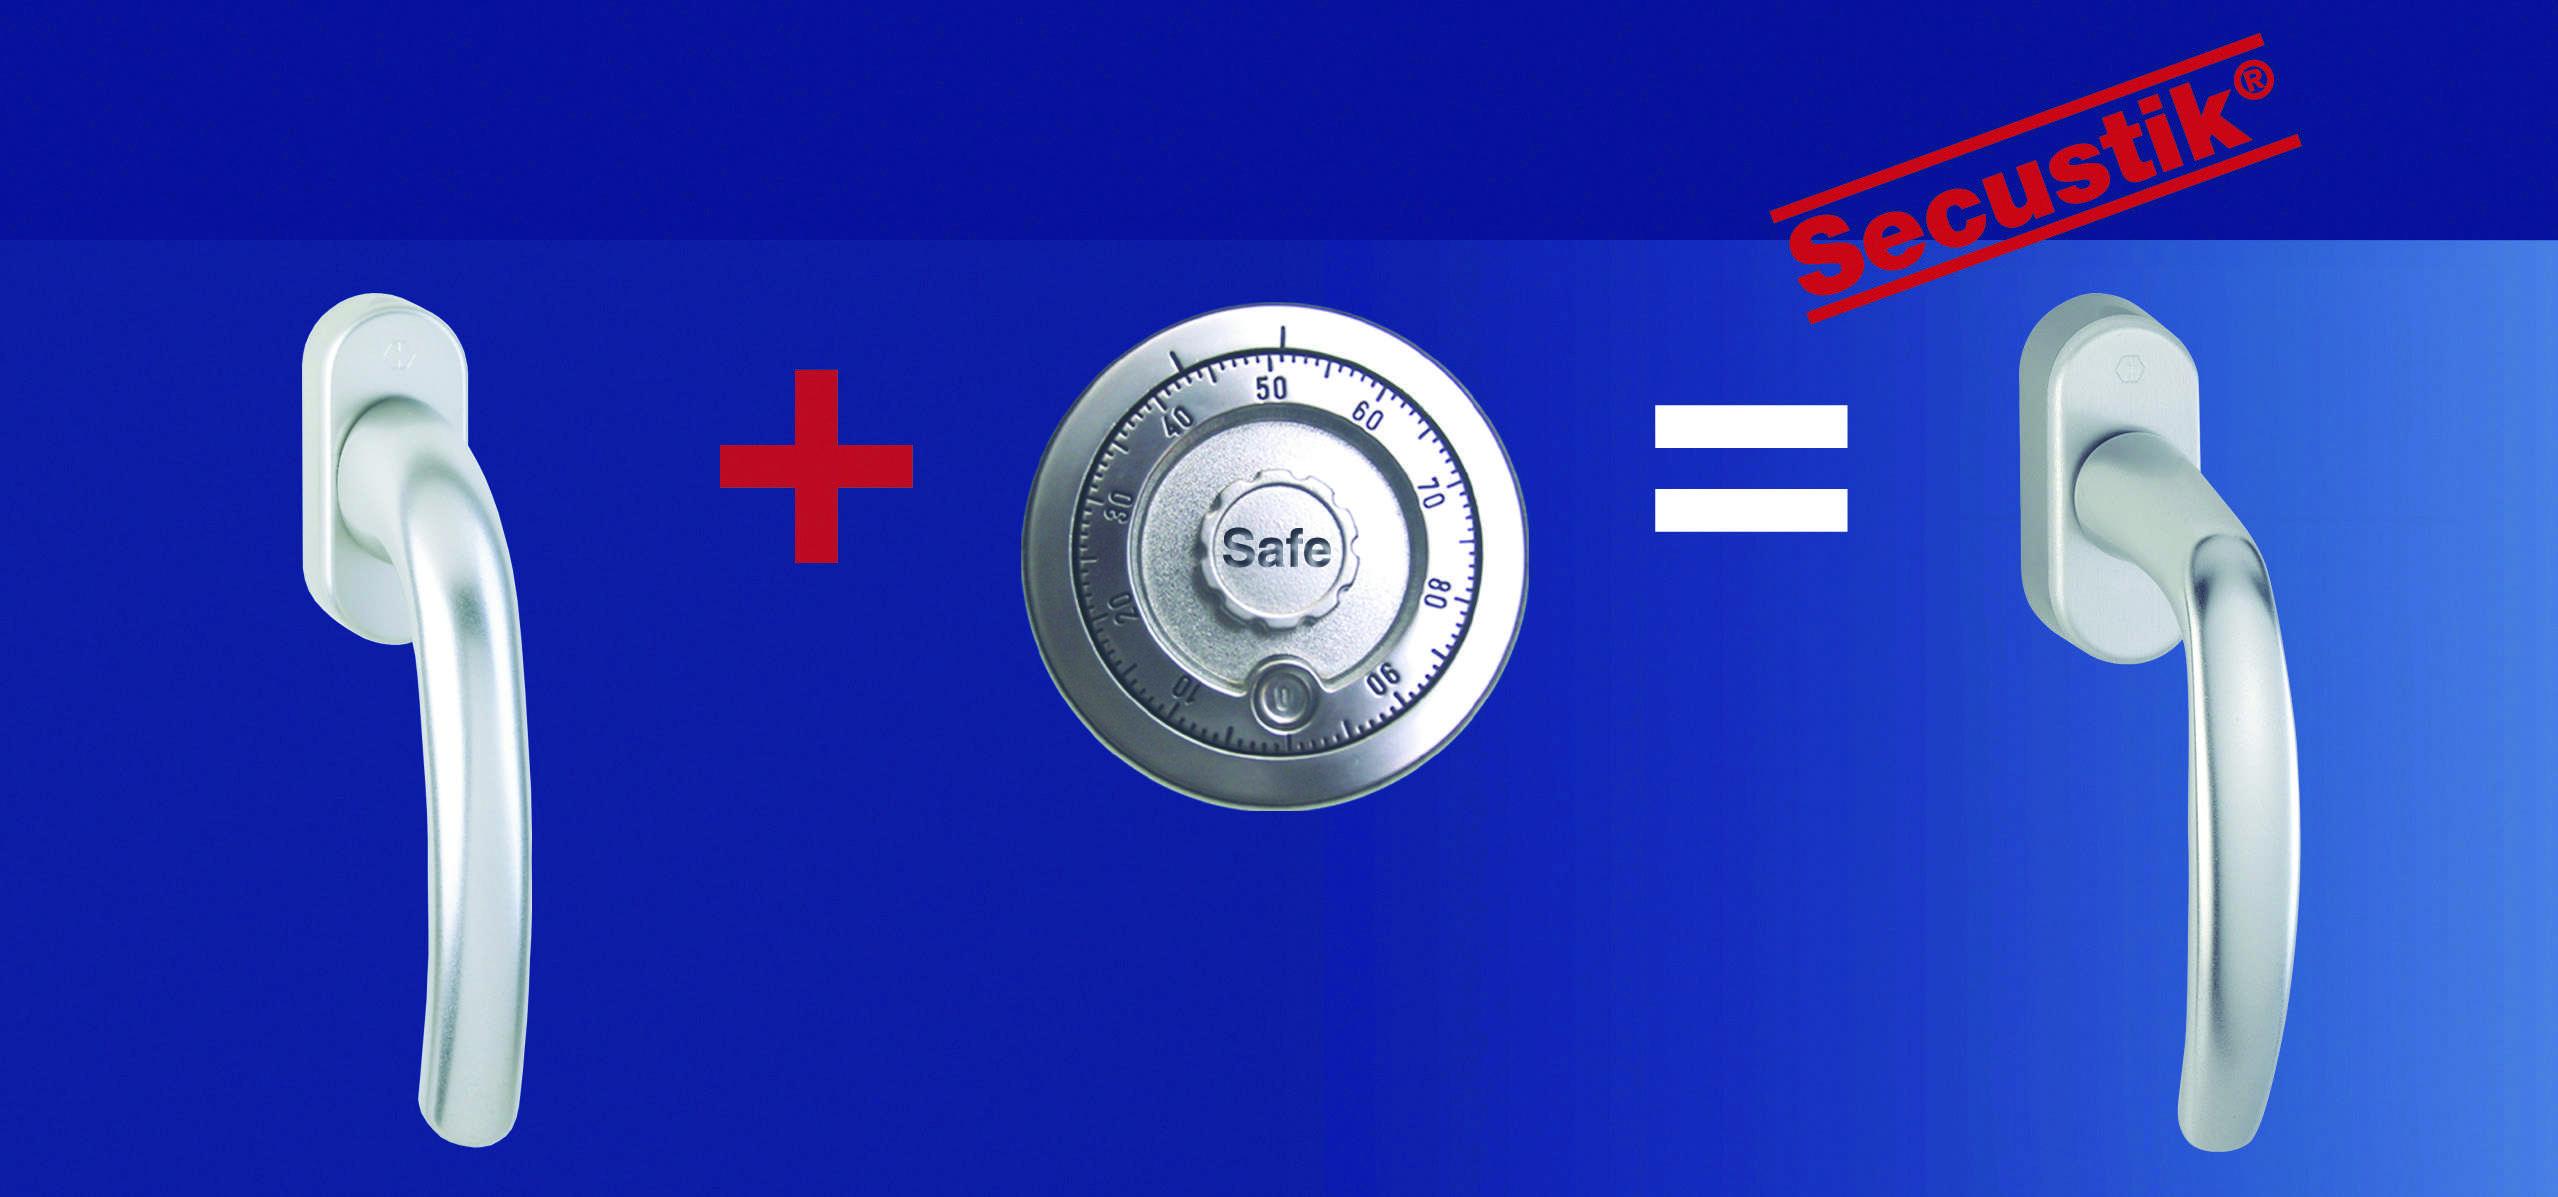 wehr - confort sécurité